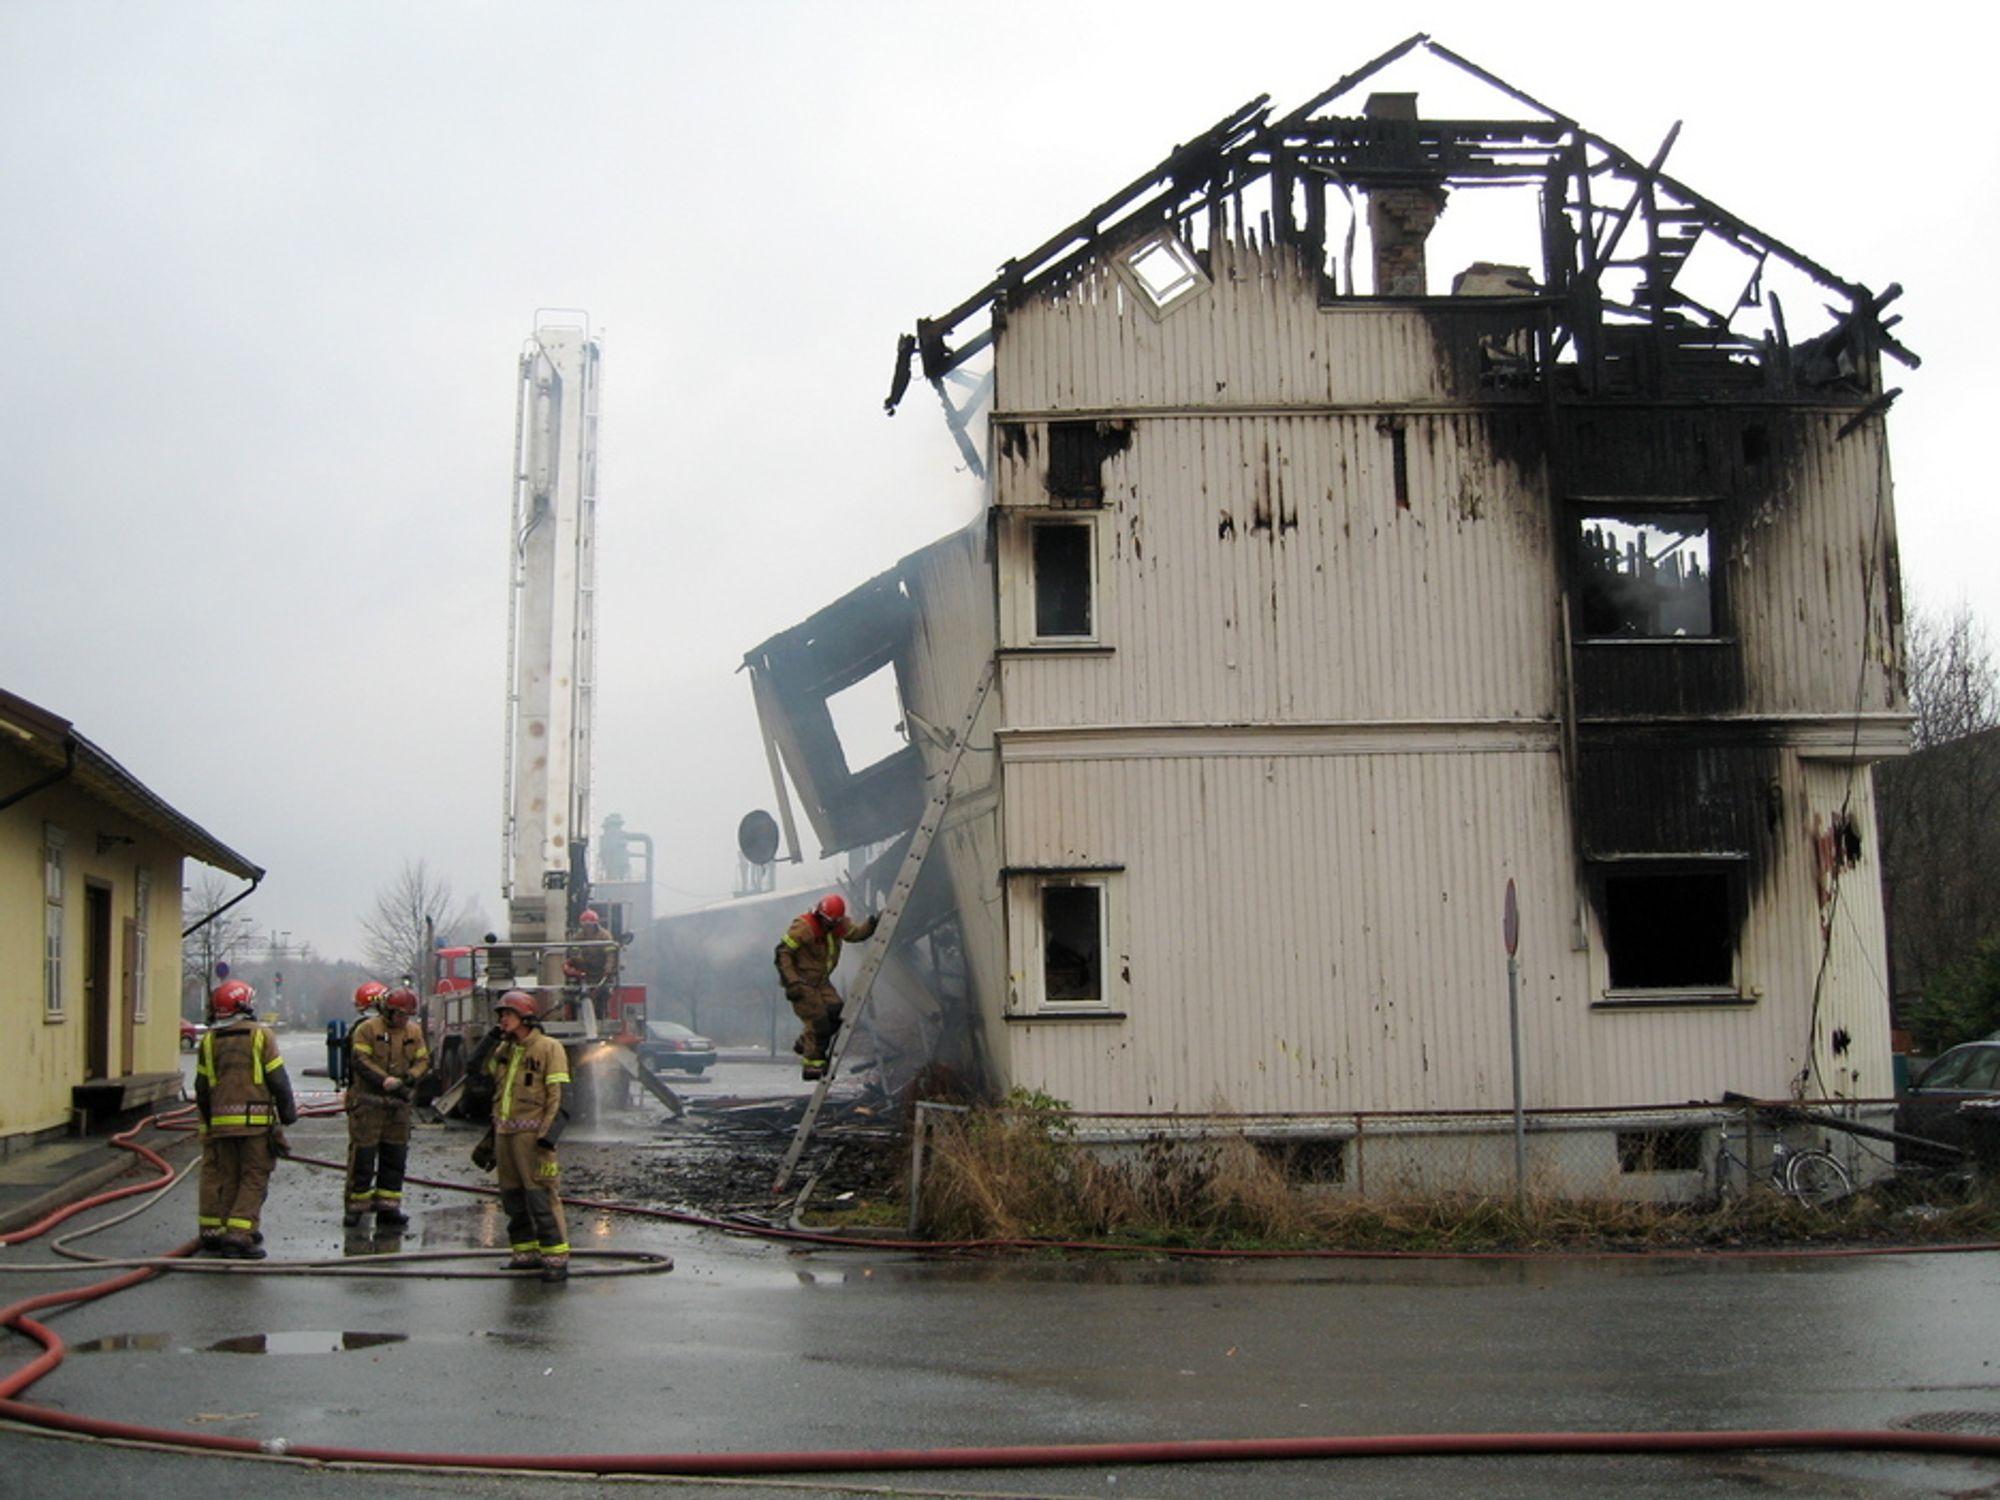 TRAGISK: To personer er bekreftet omkommet etter en brann i et bolighus rett ved Gulskogen stasjon i Drammen søndag. 15 personer kom seg ut etter at det begynte å brenne i huset ved 05.00-tiden søndag morgen. Fem personer er fortsatt savnet.